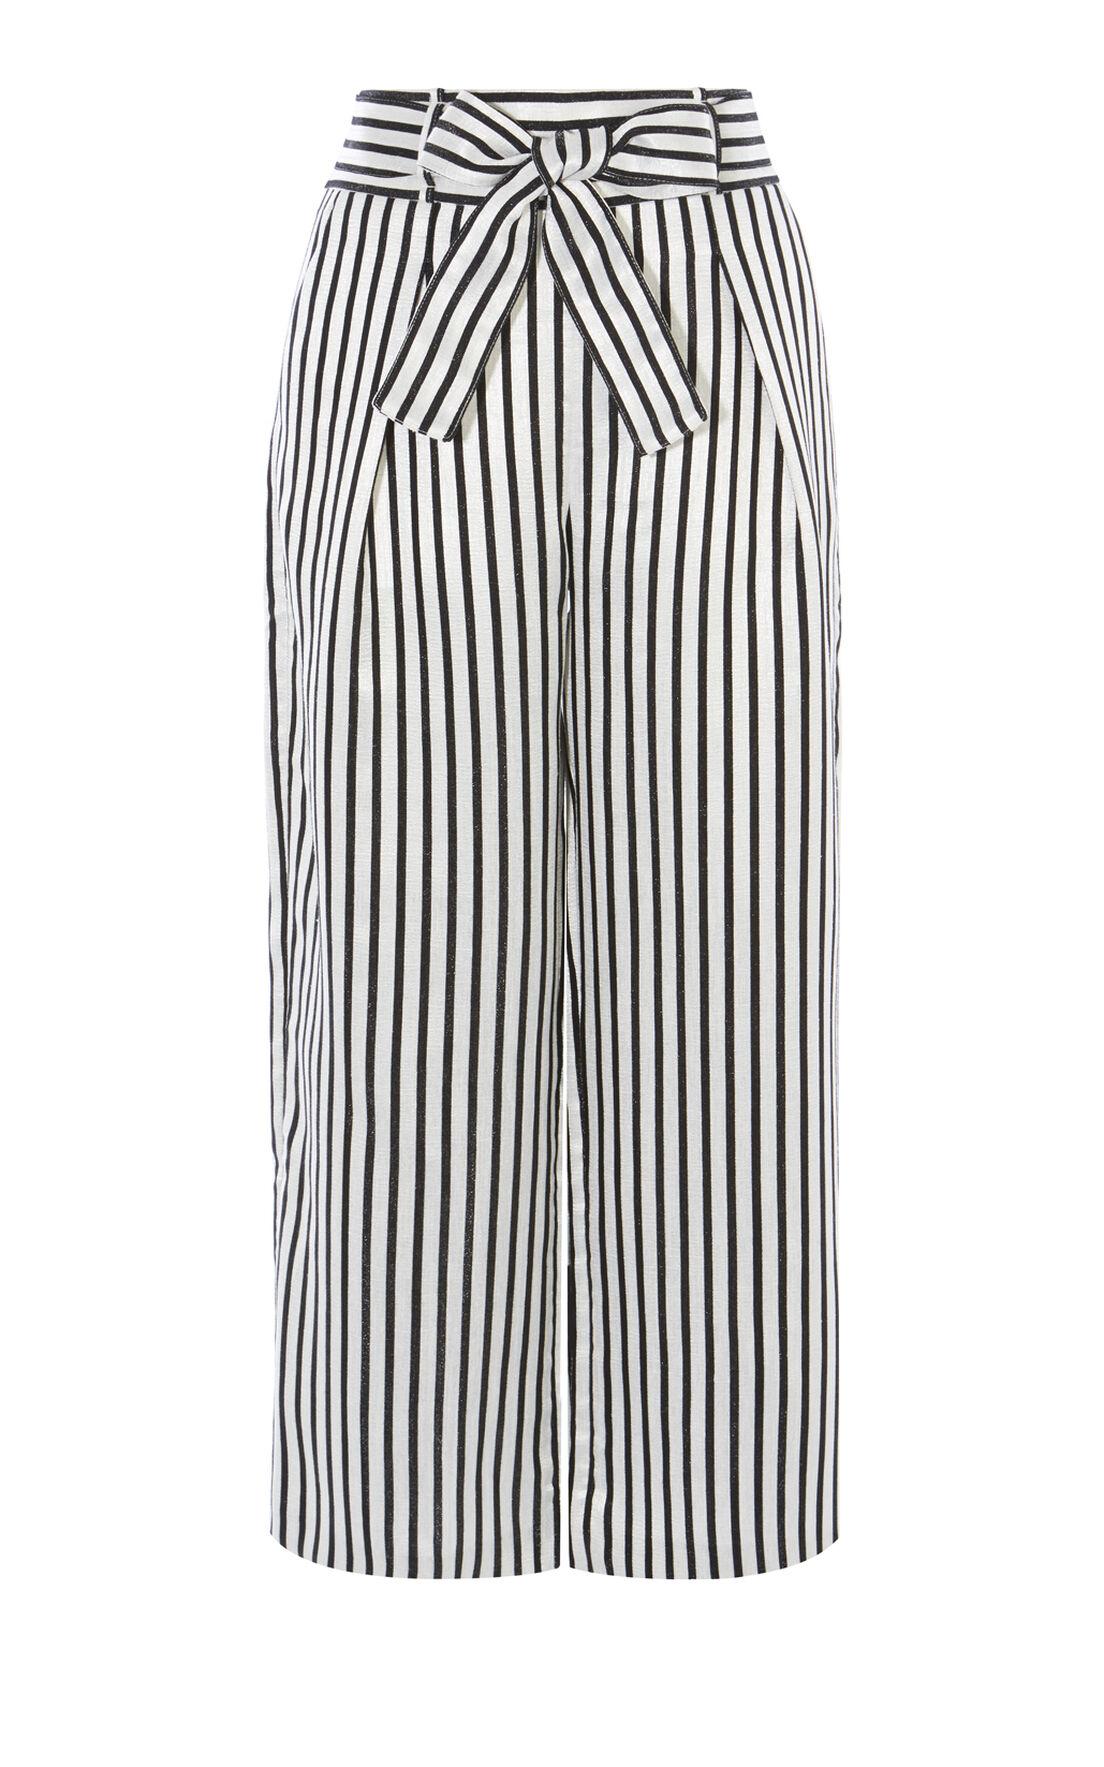 Karen Millen, STRIPED TROUSER Black & White 0